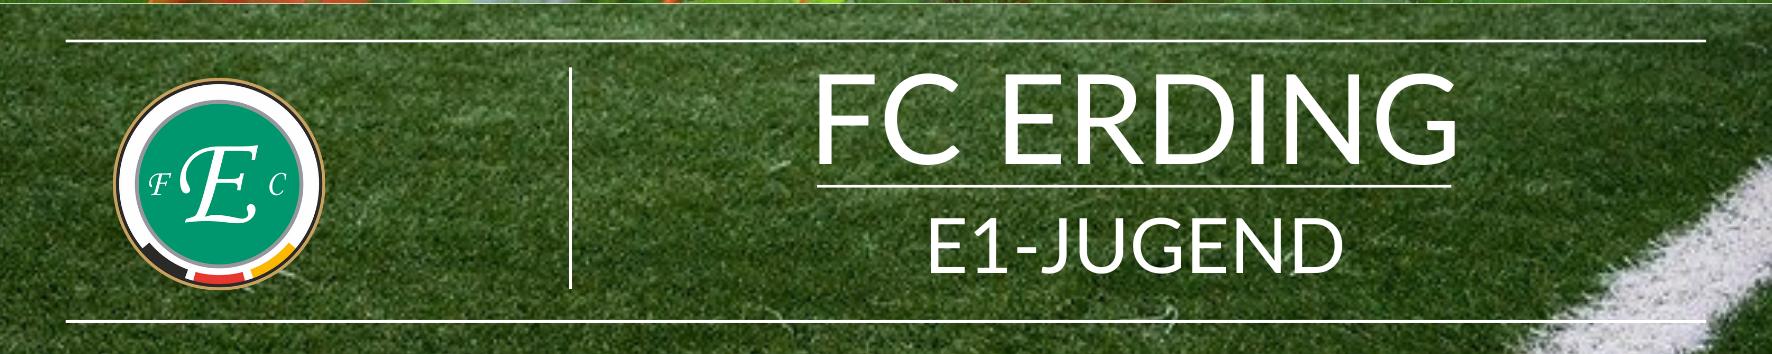 FC Erding E1-Jugend Saison 2021/2022